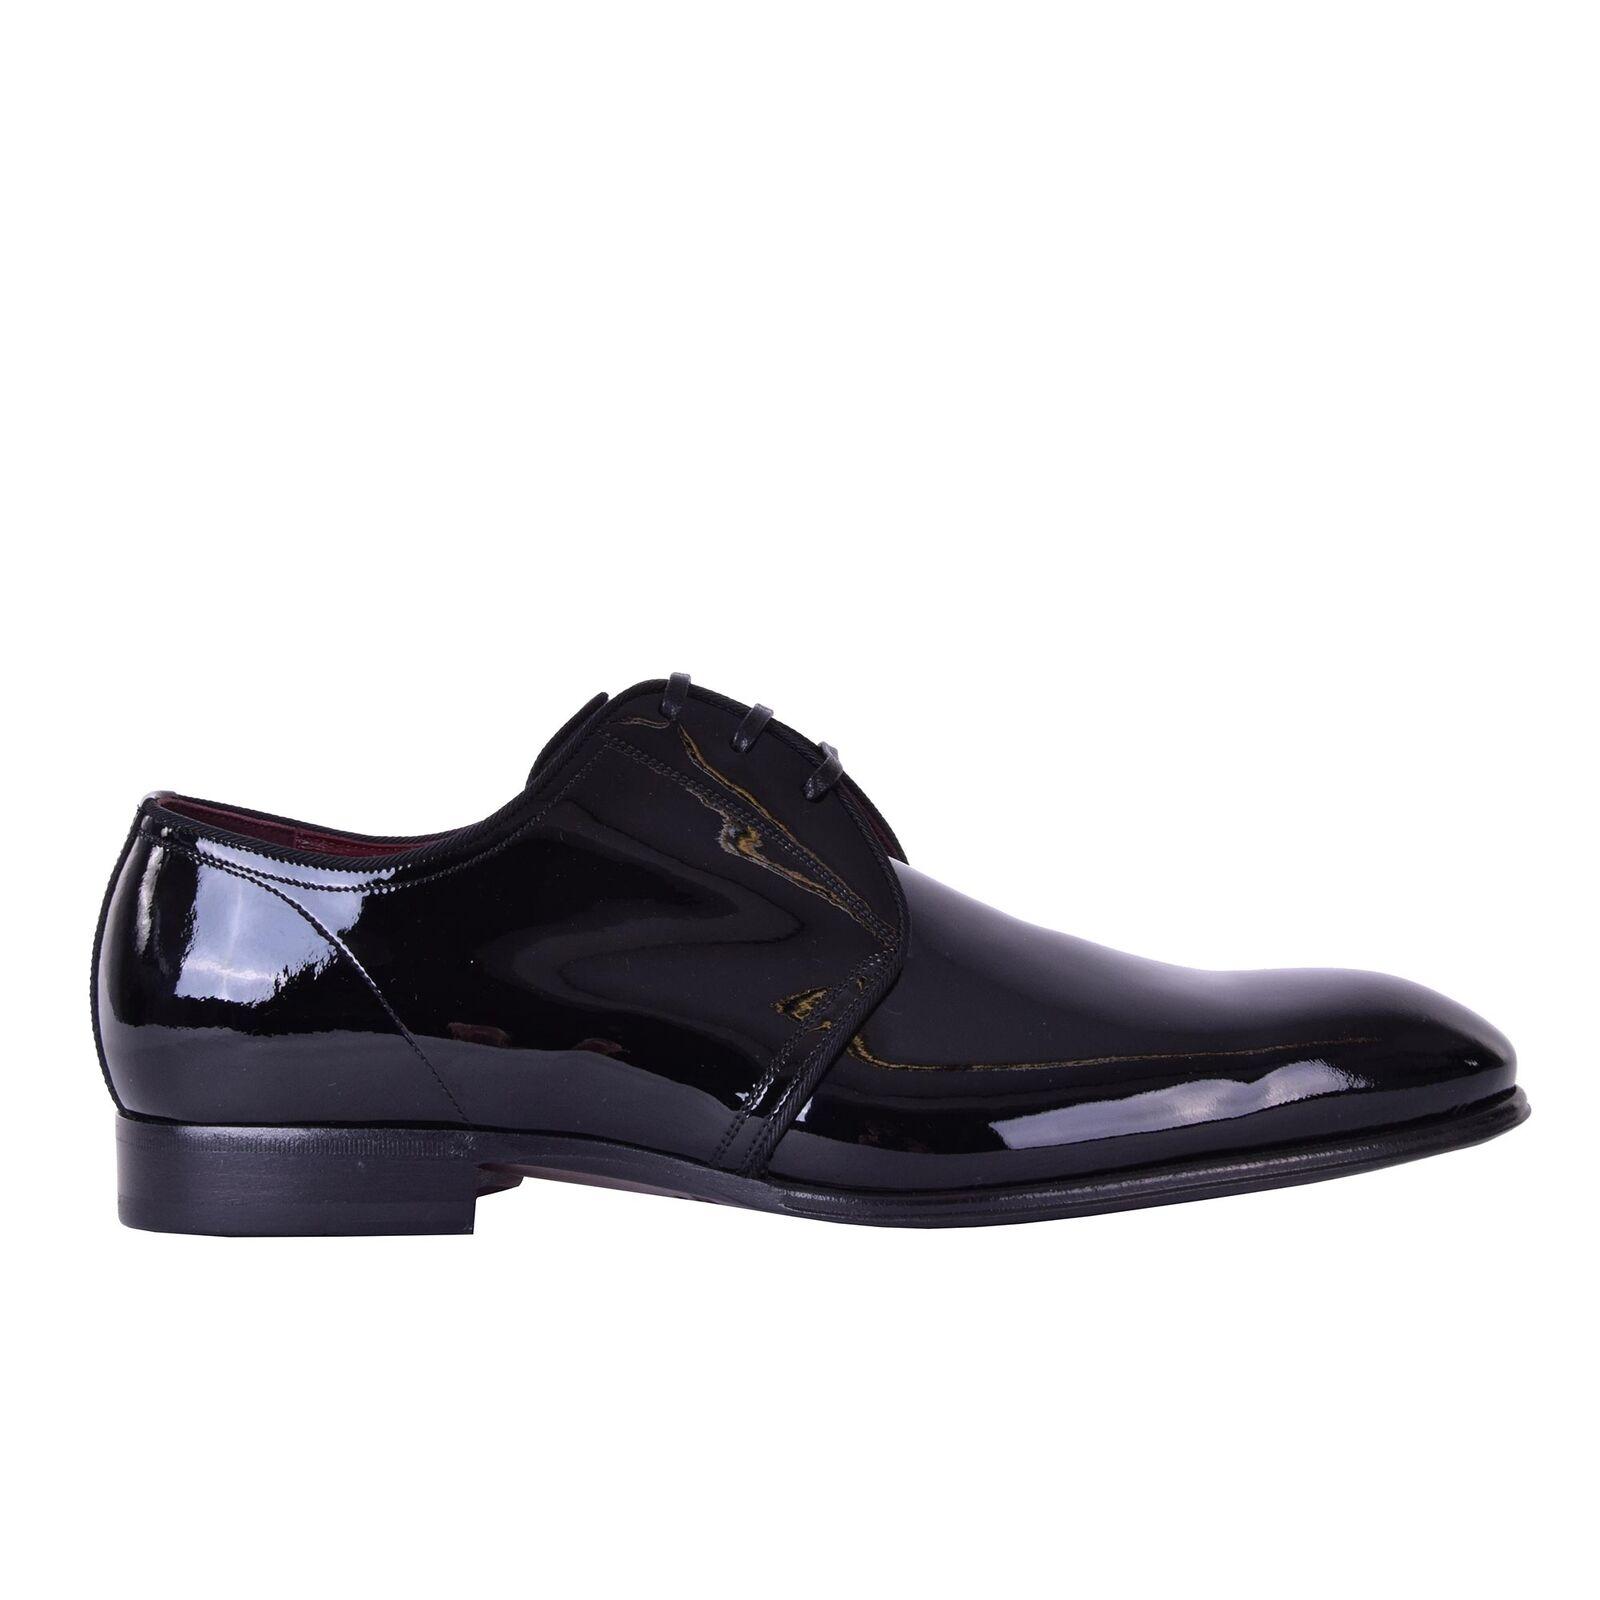 DOLCE & GABBANA Pelle Verniciata PORTOFINO Lacci Scarpe Nero 05885 Scarpe classiche da uomo